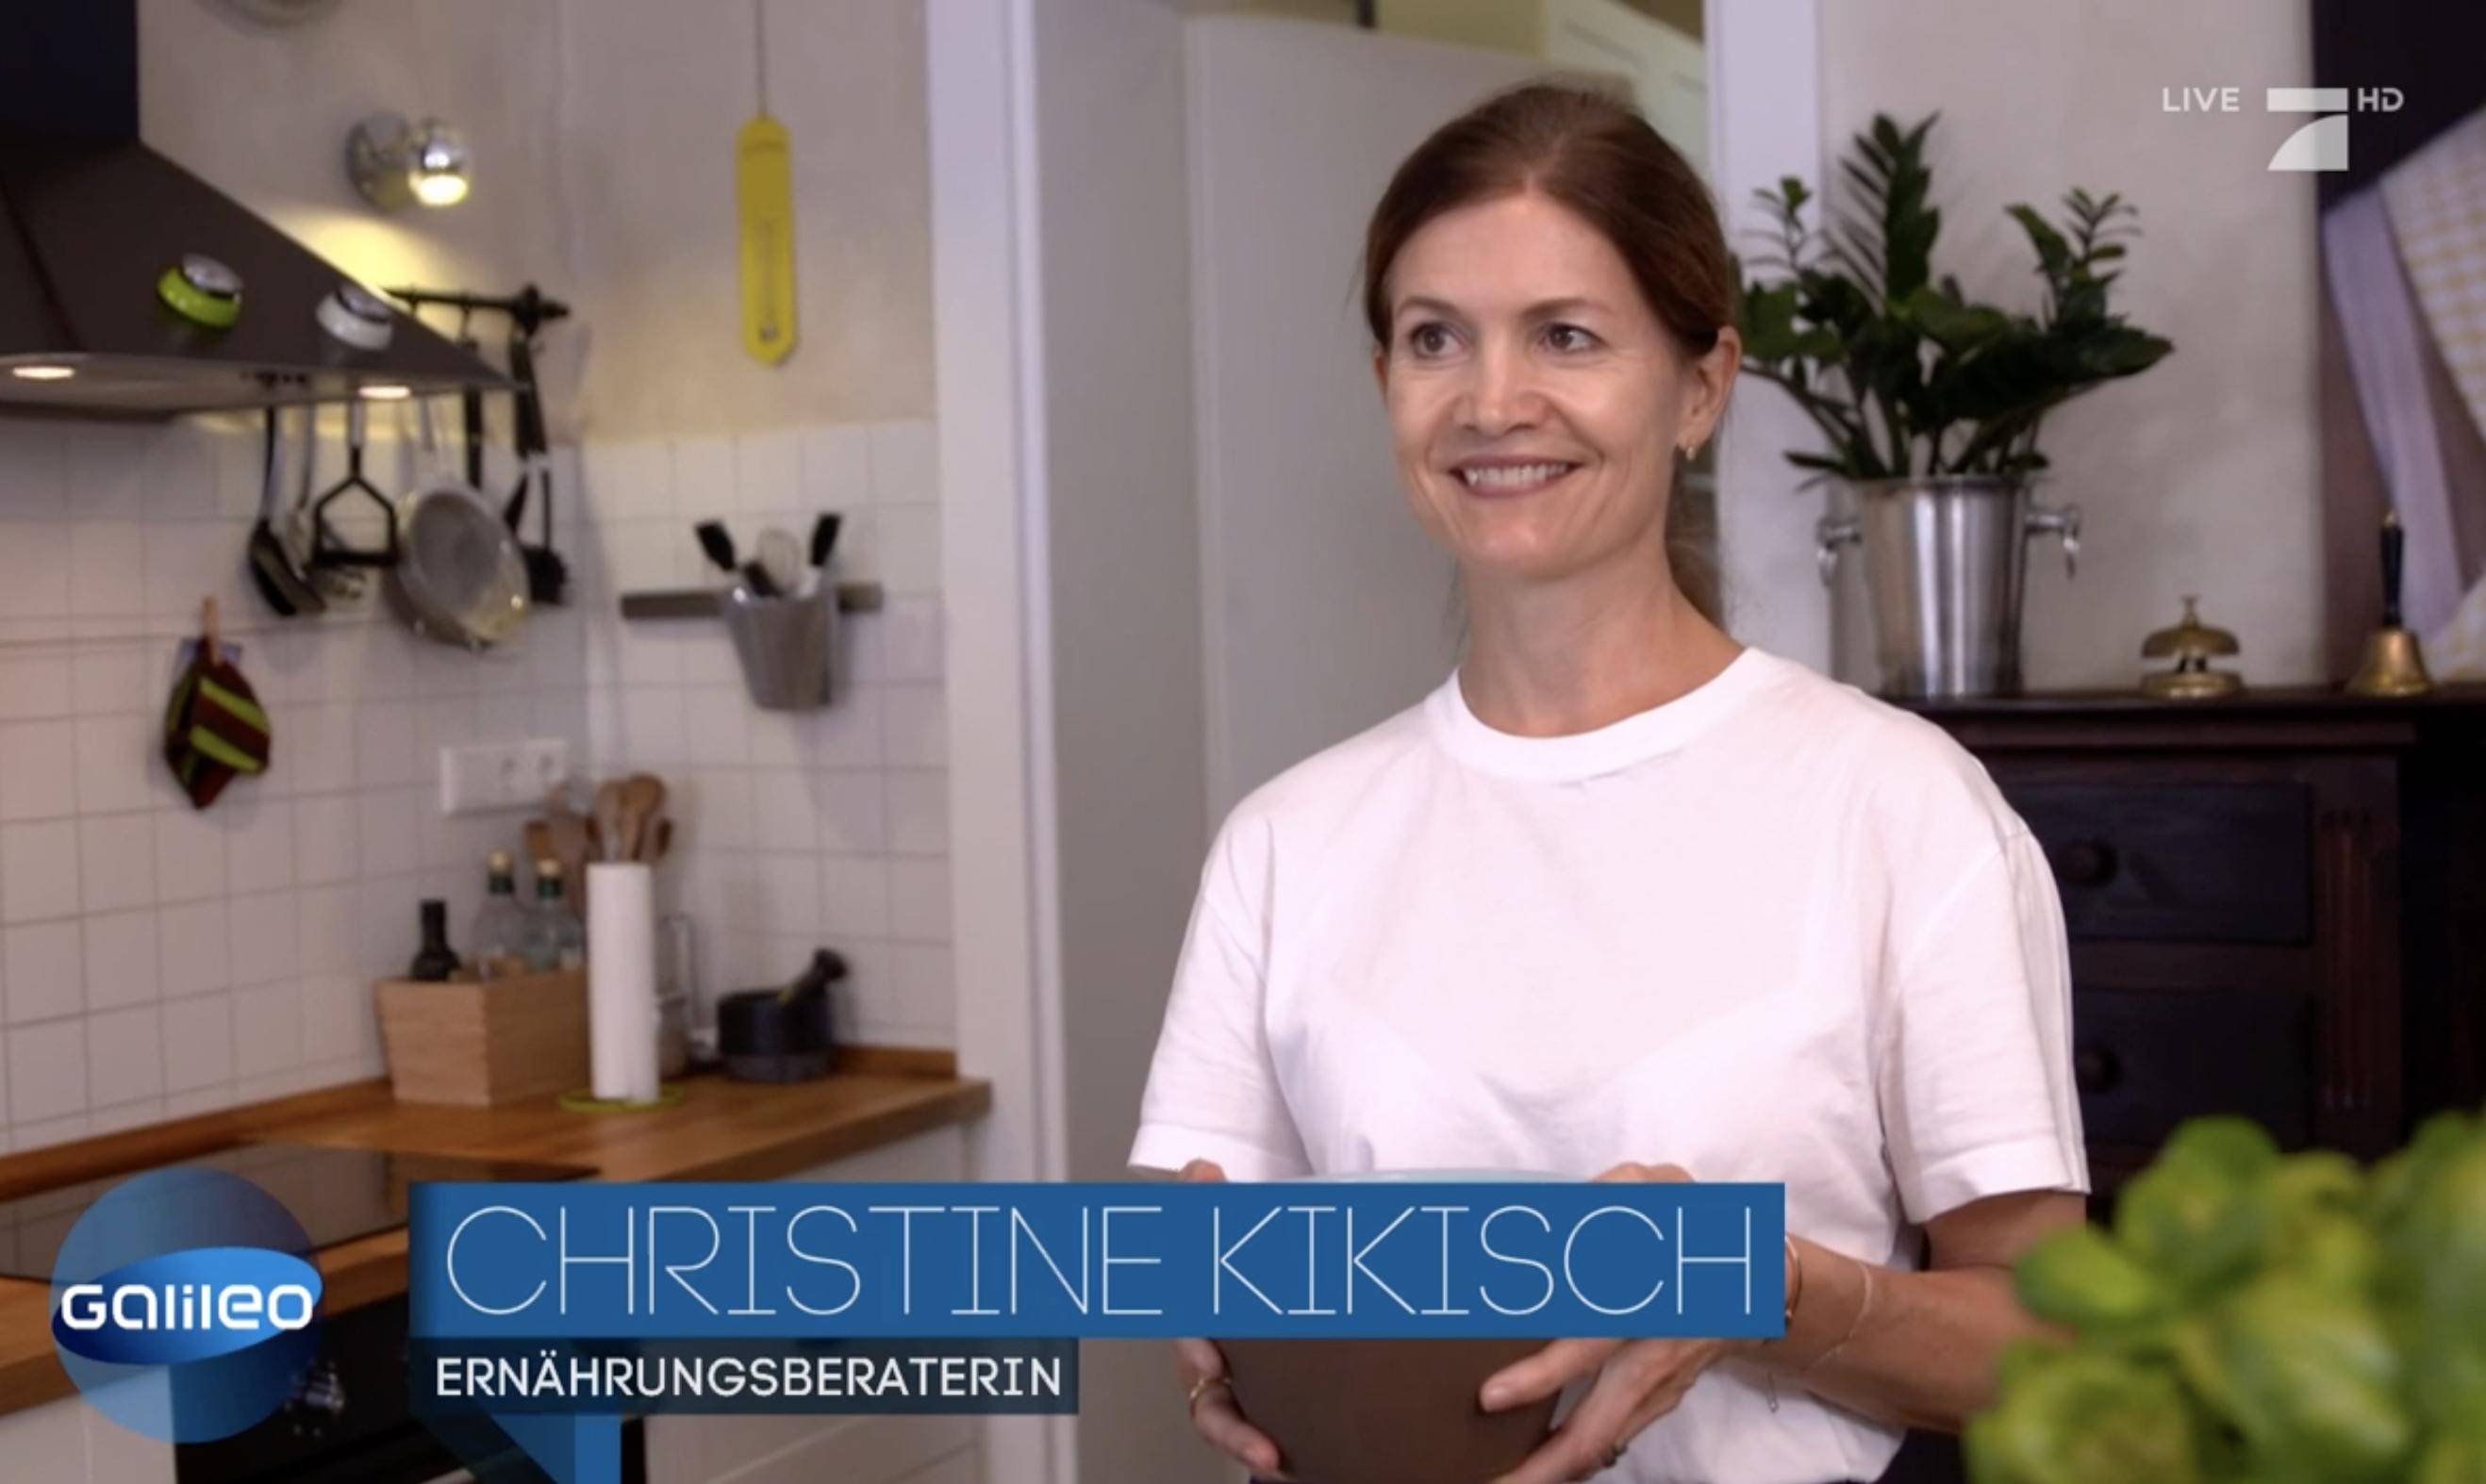 Christine Kikisch bei Galileo